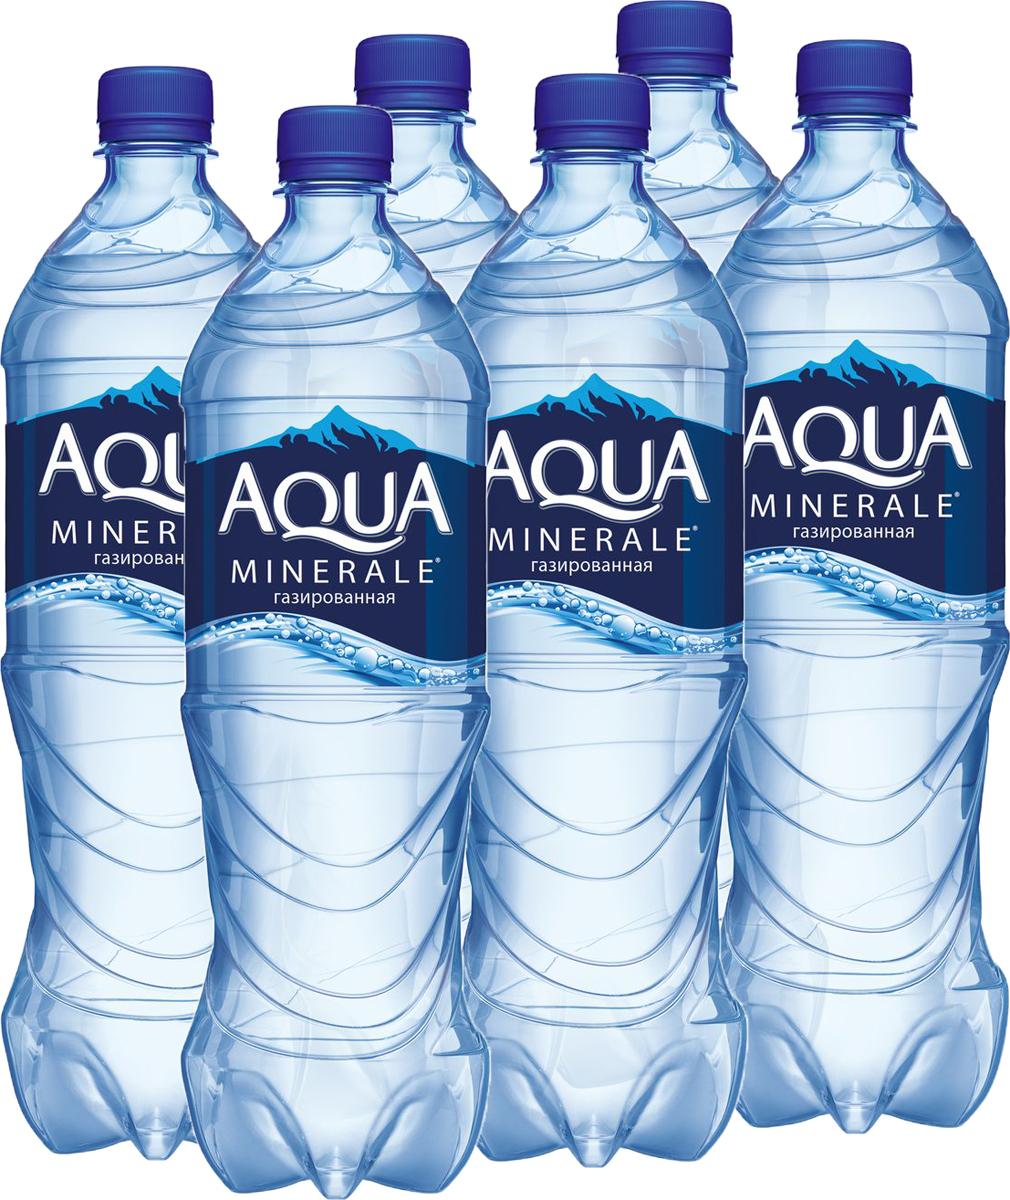 Aqua Minerale вода газированная питьевая, 12 штук по 1 л340030086_блокиAqua Minerale – газированная вода с удивительно мягким вкусом.О бренде:Aqua Minerale — питьевая вода с удивительно мягким вкусом.Появившись в России в 1995 году, бренд стал одним из первых в сегменте питьевой бутилированной воды. С тех пор марка полюбилась потребителям и остается одной из самых популярных на рынке — ежедневно в России продается более 700 тысяч бутылок Aqua Minerale. Сейчас в портфеле бренда негазированная и газированная вода, линейка Aqua Minerale Active, обогащенная витаминами и минералами, а также линейка Aqua Minerale с соком, представленная в 4-х вкусах: лимон, черешня, мята-лайм, яблоко.